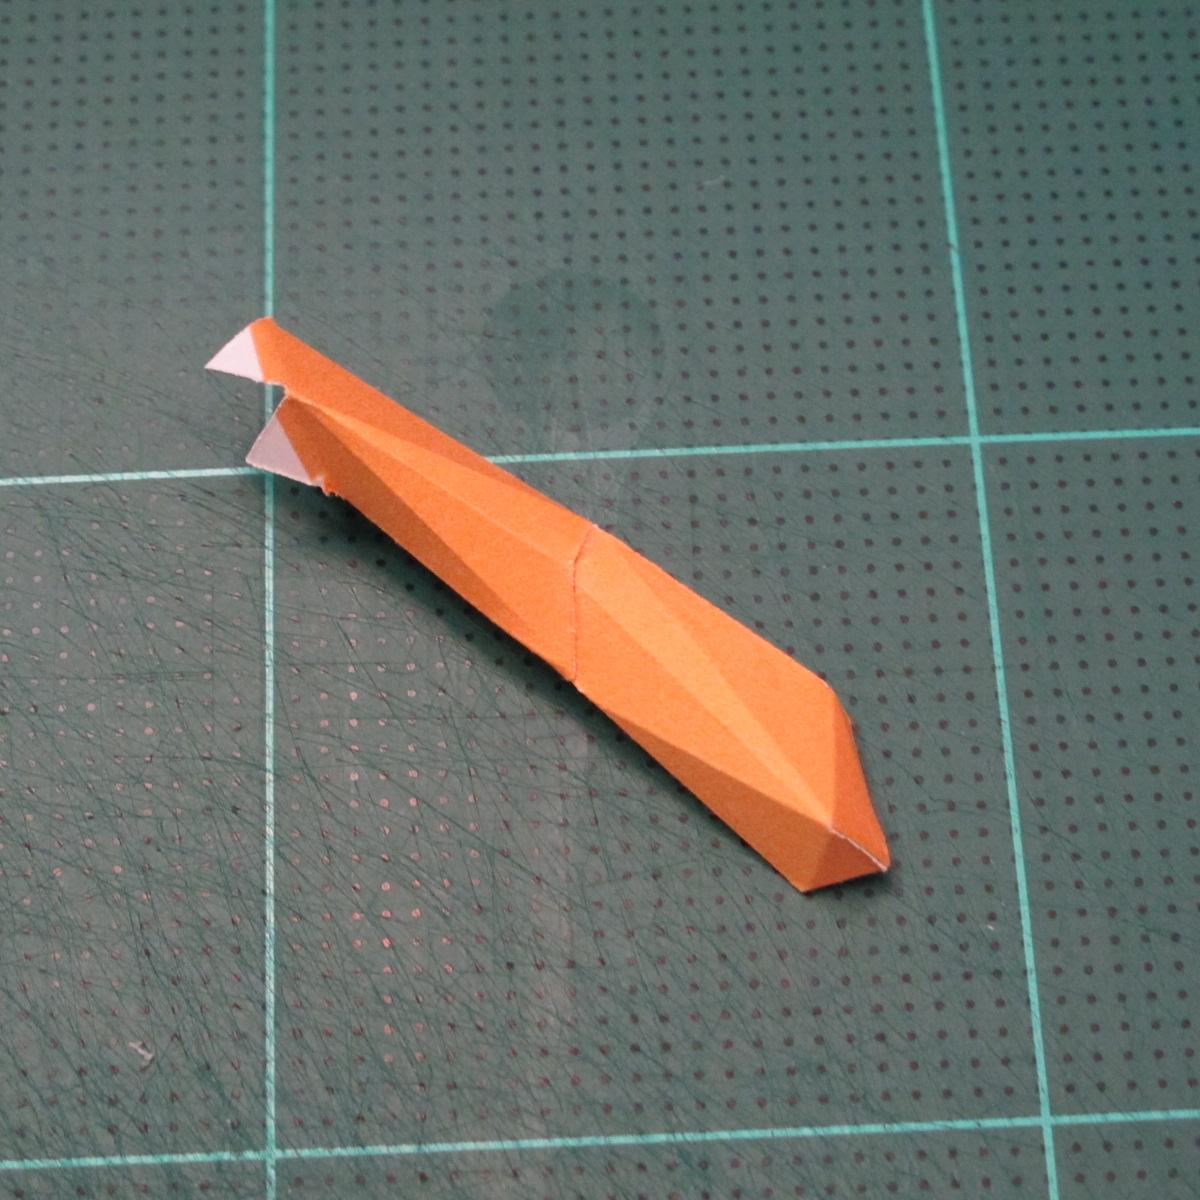 วิธีทำโมเดลกระดาษตุ้กตา คุกกี้รสราชินีสเก็ตลีลา จากเกมส์คุกกี้รัน (LINE Cookie Run Skating Queen Cookie Papercraft Model) 013